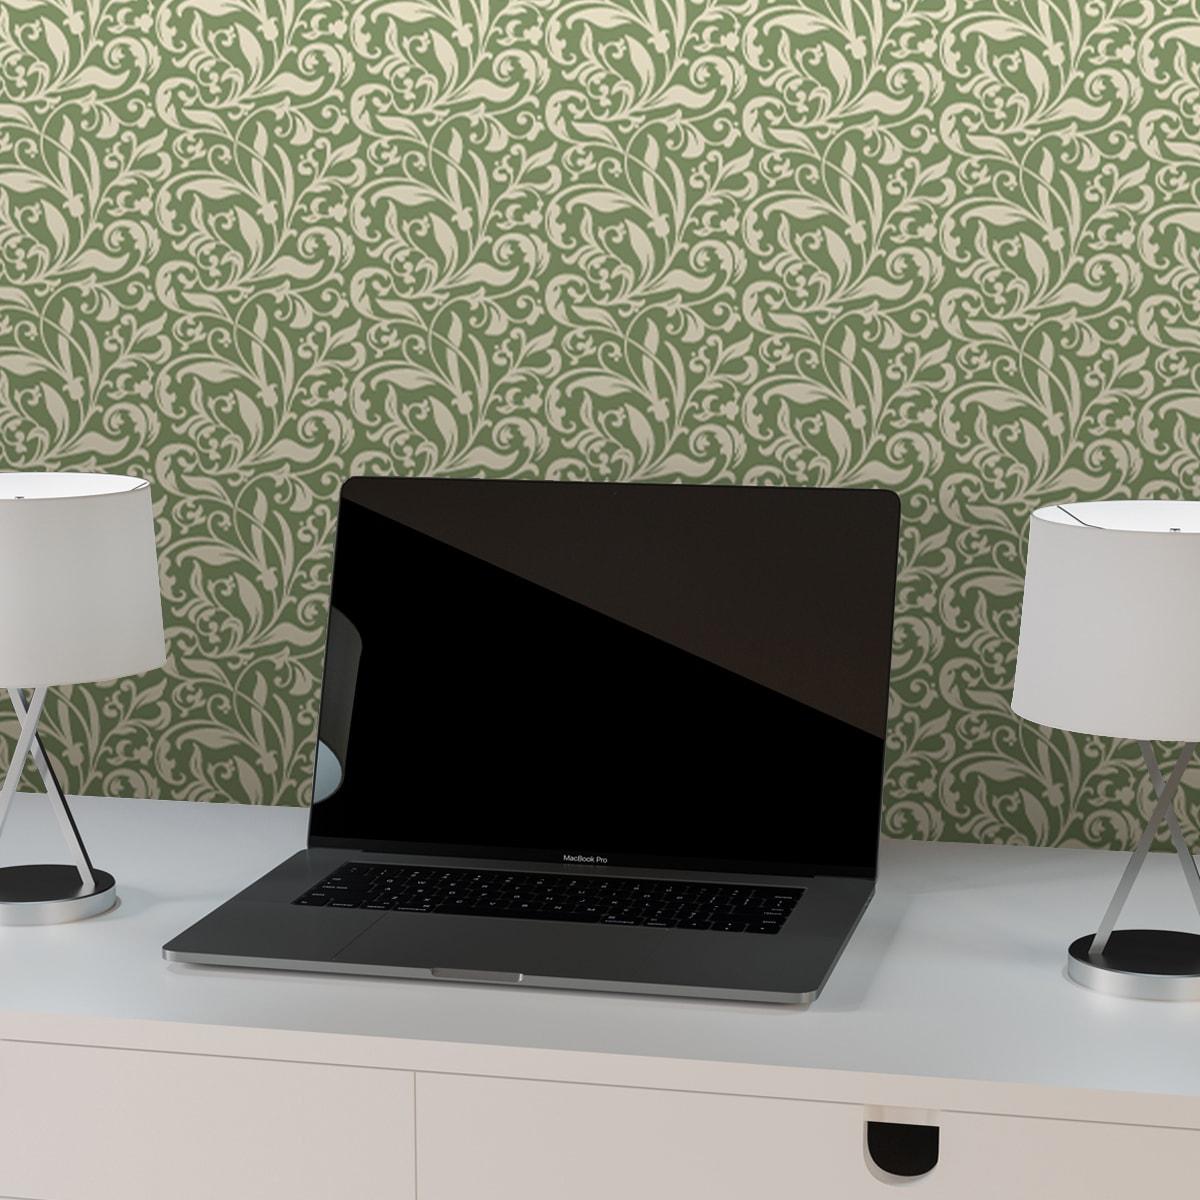 """Küchentapete grün: """"Victorian Delight"""" - edle florale Tapete mit victorianischem Blatt Muster grün Wandgestaltung Büro Küche Flur"""